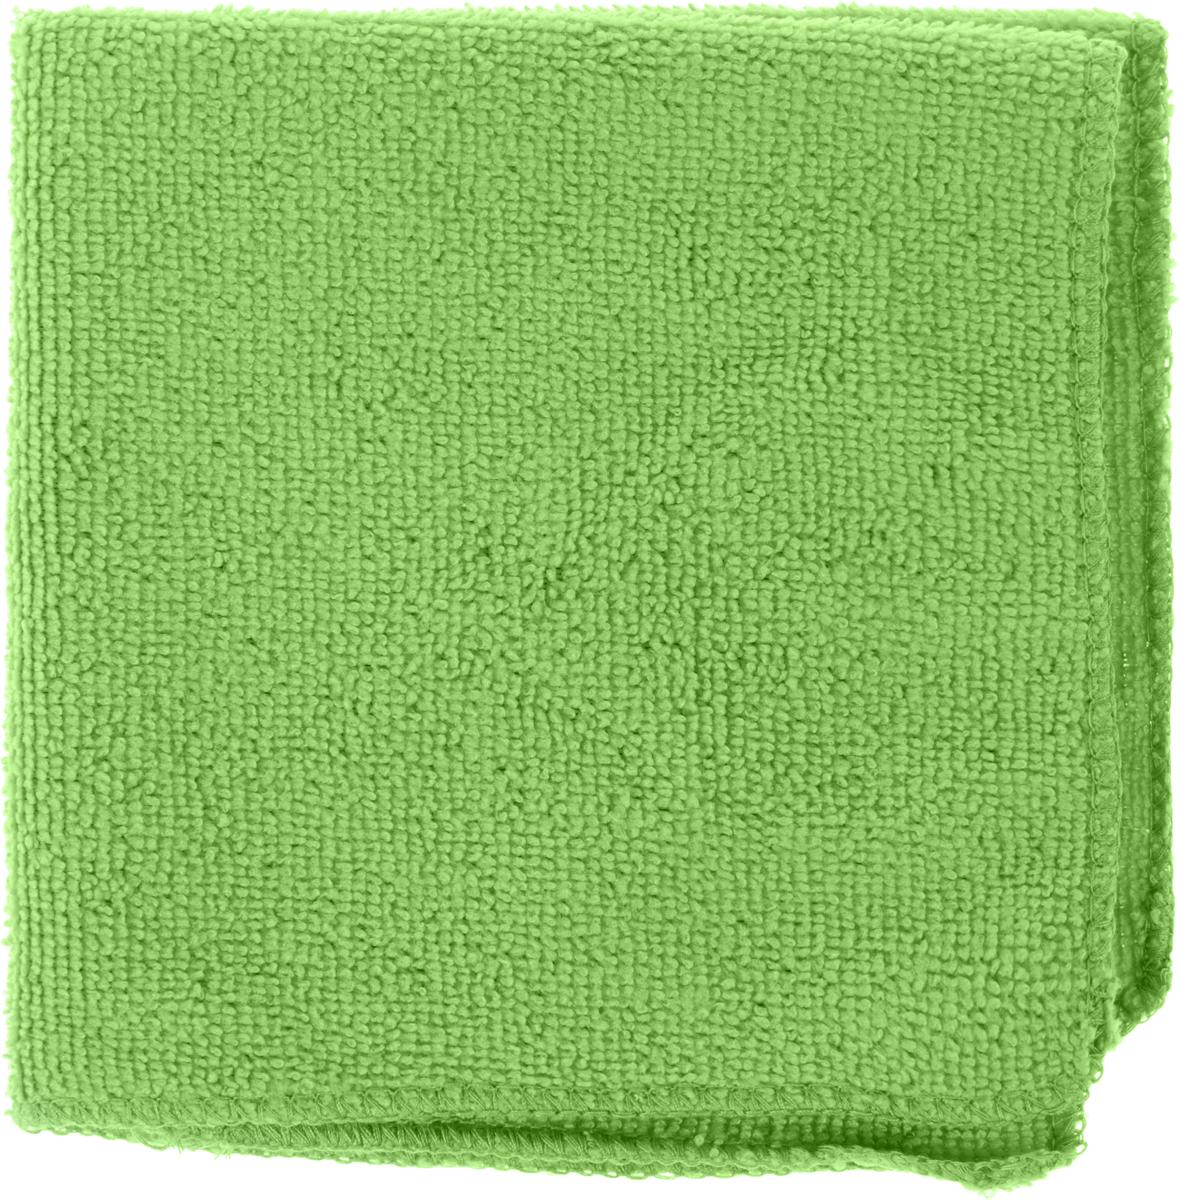 Салфетка универсальная Коллекция, цвет: зеленый, 30 х 30 см. Х5СМФХ5СМФ_зеленыйСалфетка универсальная Коллекция эффективно очищает, не царапает поверхность, не оставляет разводов и ворсинок. Идеально подходит сухим и влажным способом. Впитывает воду, жир и пыль. Салфетка легко стирается и быстро сохнет.Размер салфетки: 30 х 30 см.